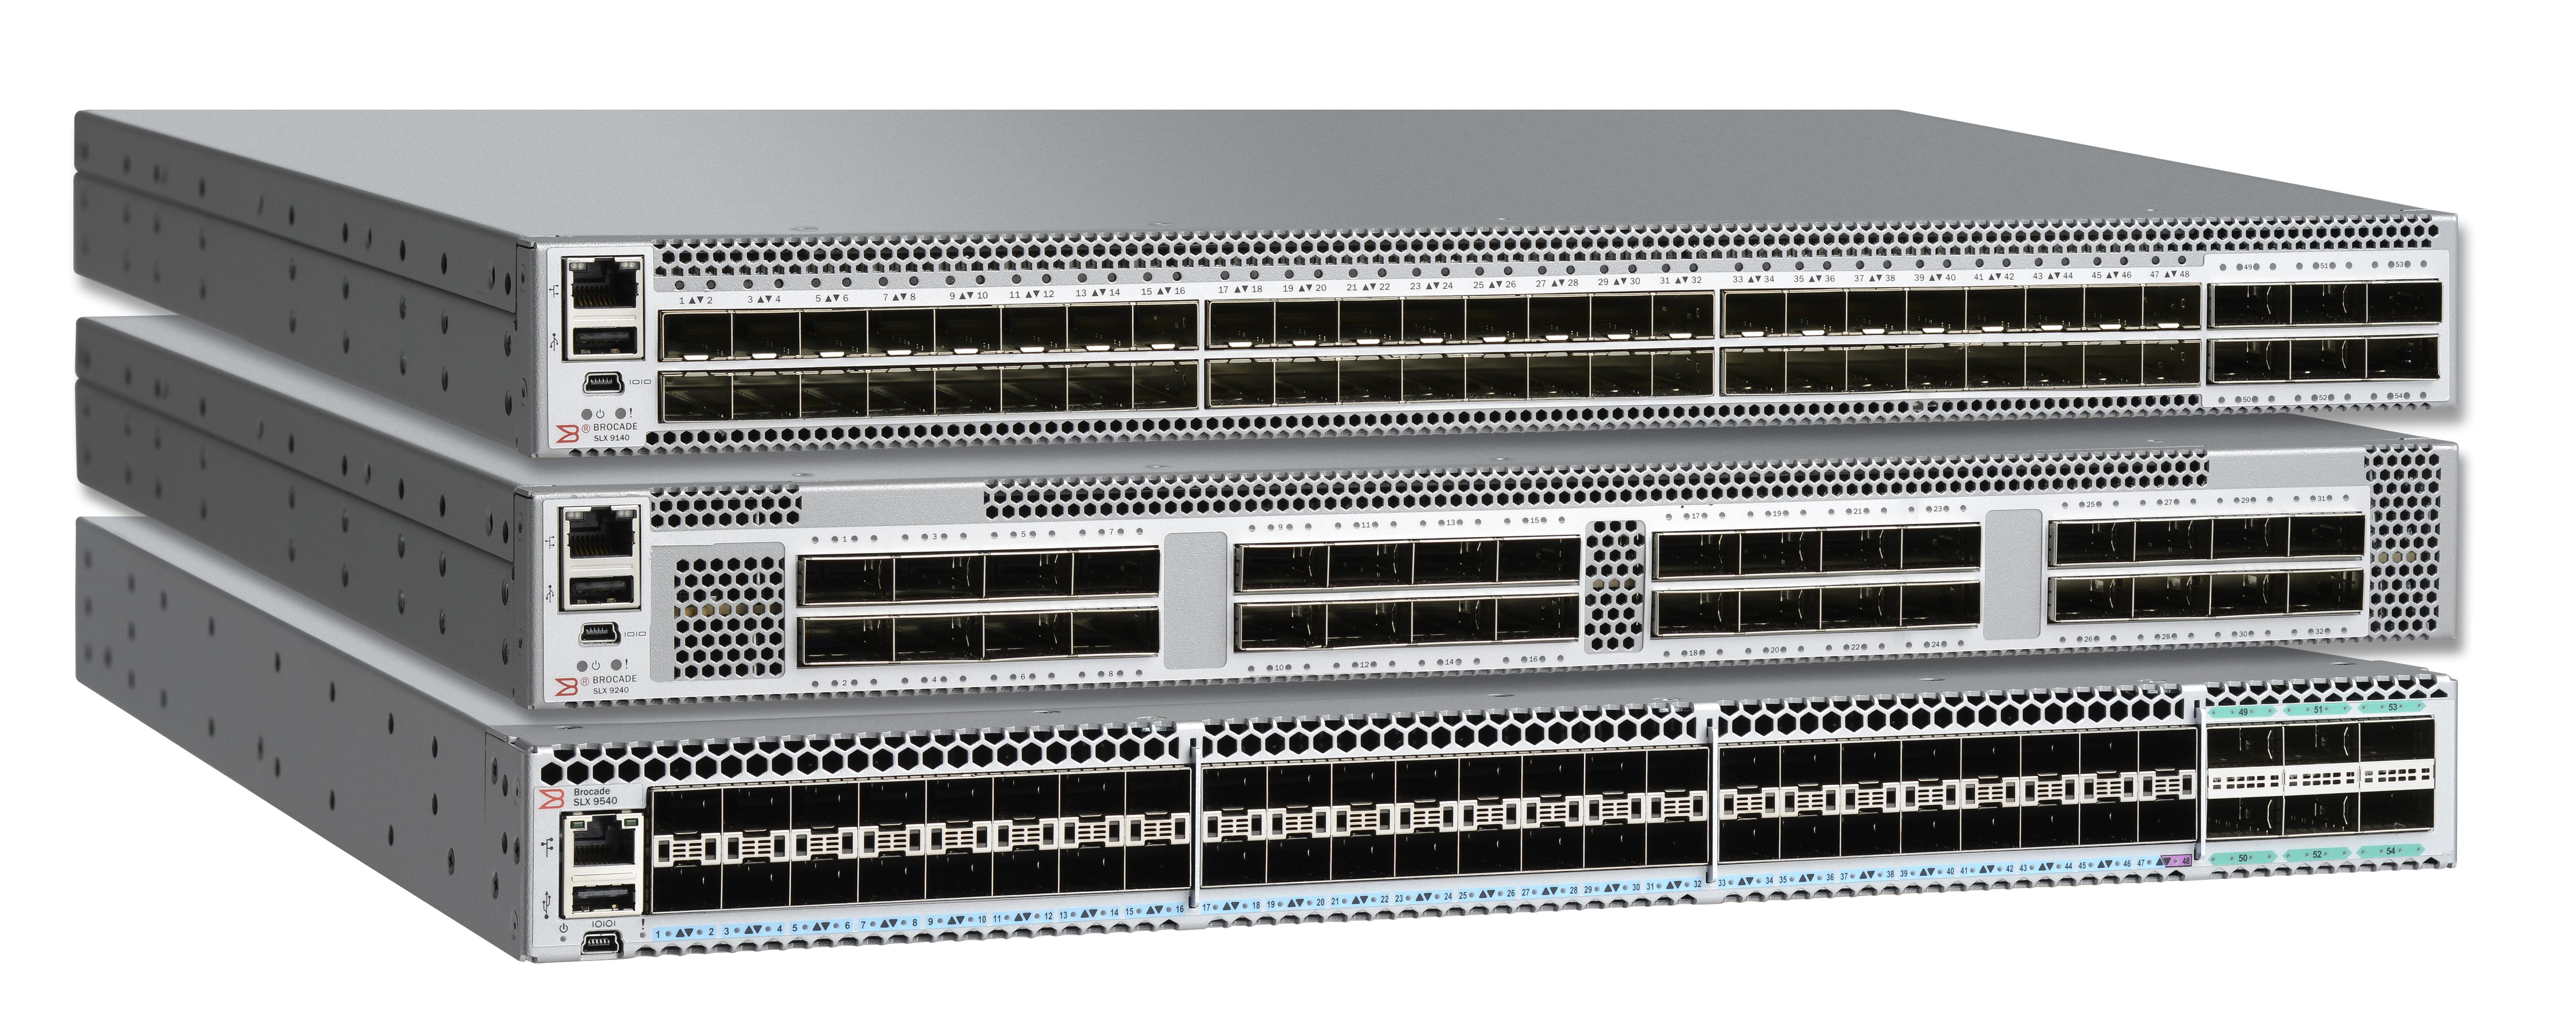 Brocade Extends SLX Networking Line, Enhances Automation